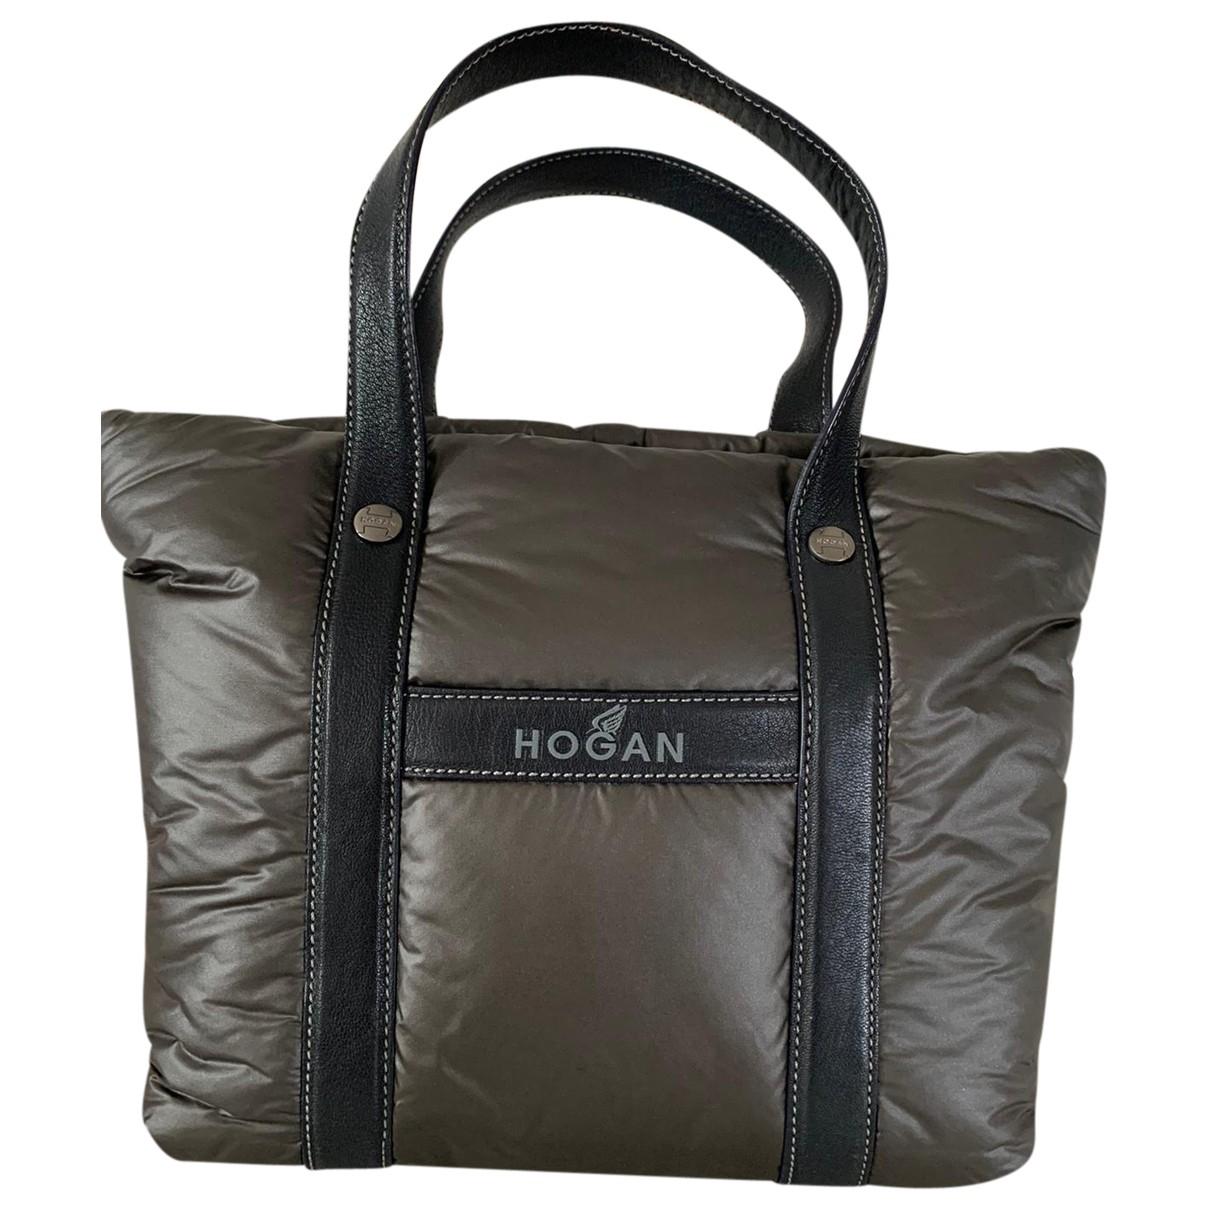 Hogan \N Handtasche in  Anthrazit Polyester